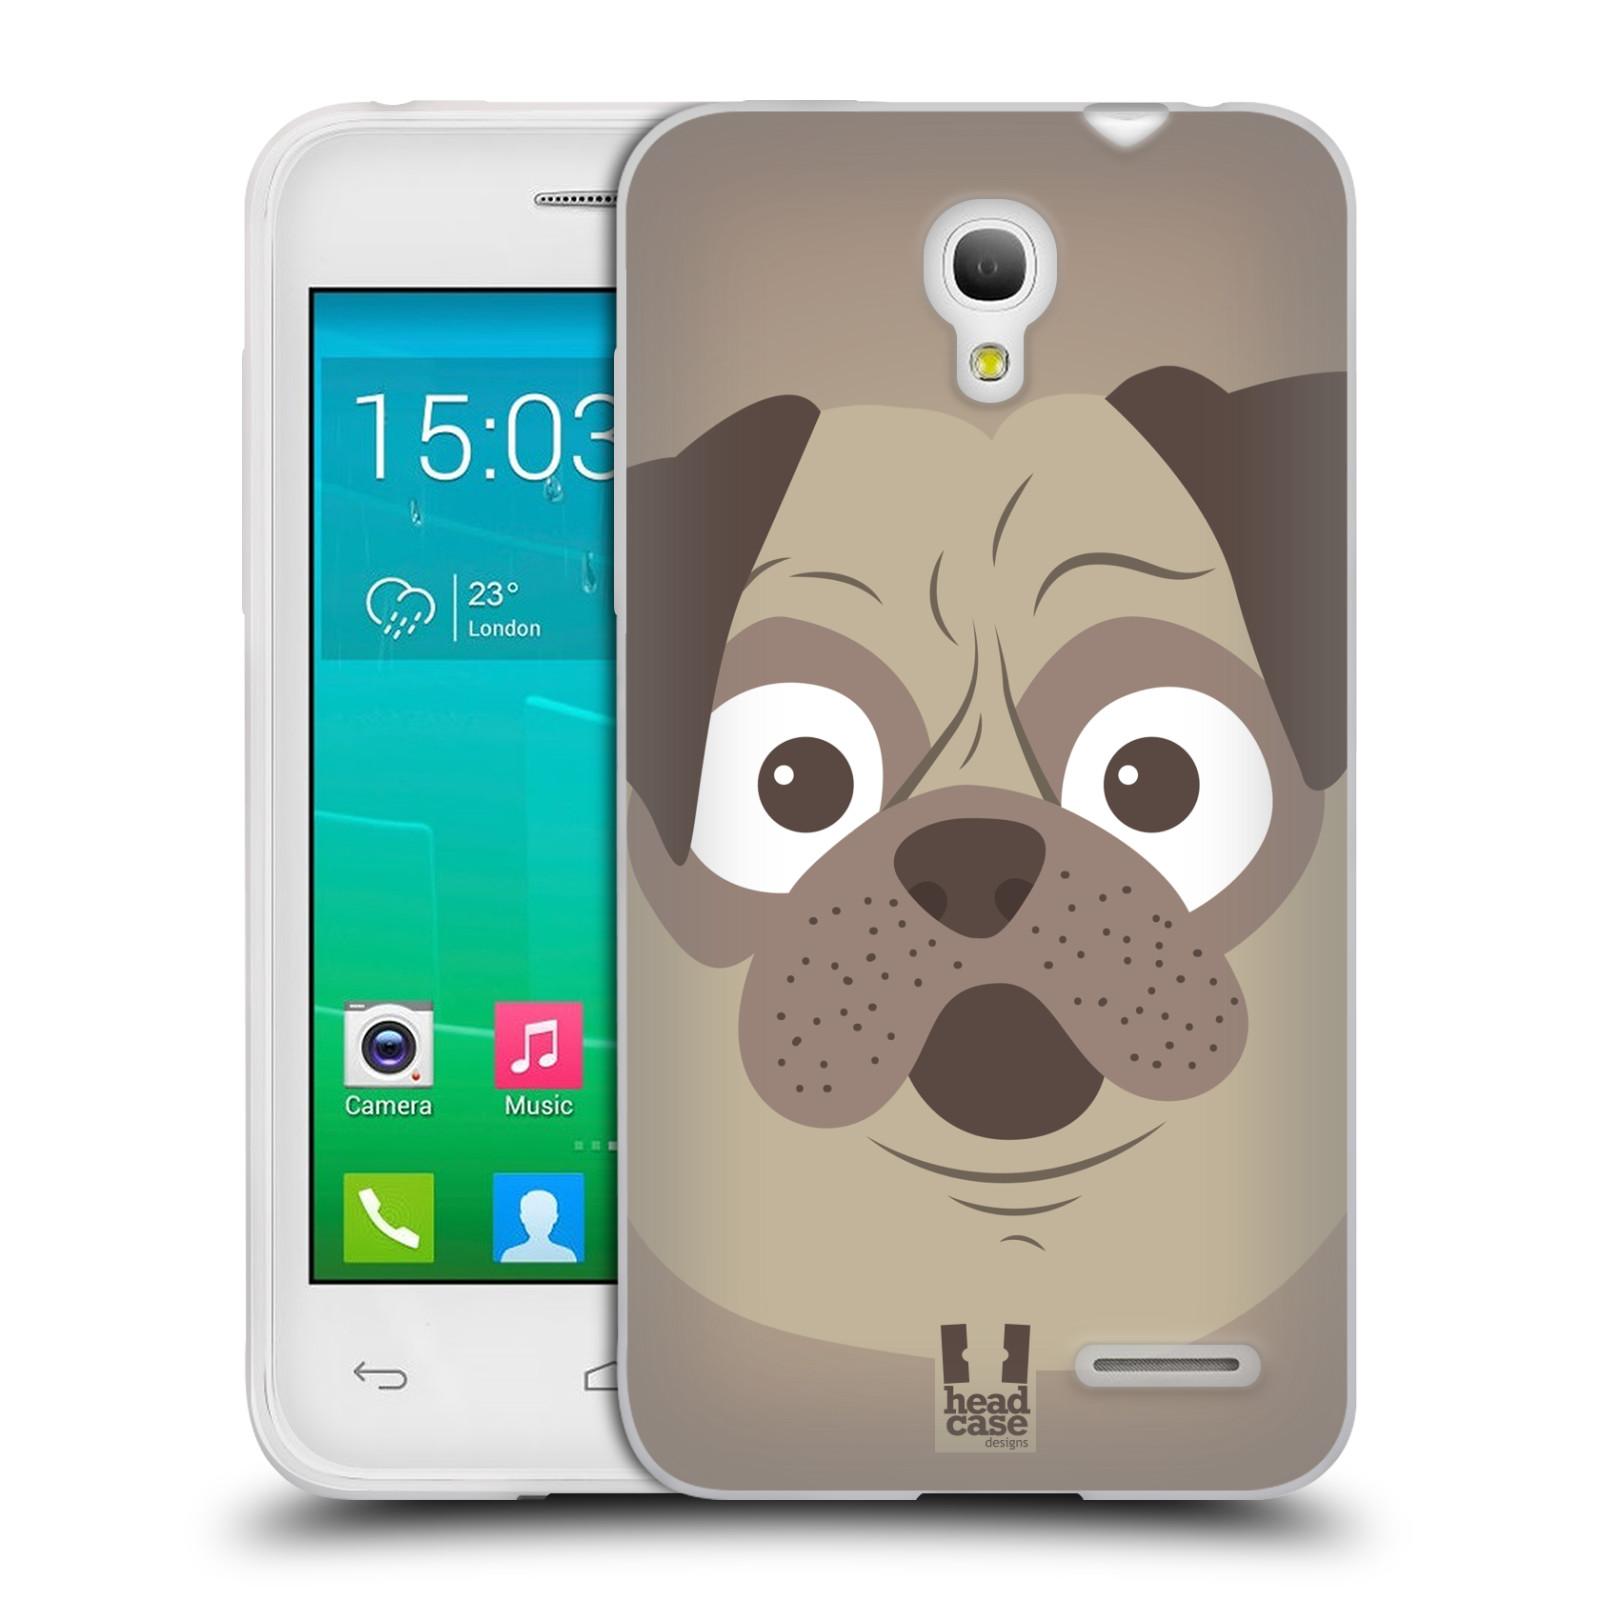 HEAD CASE silikonový obal na mobil Alcatel POP S3 OT-5050Y vzor Cartoon Karikatura barevná kreslená zvířátka pes mopsík